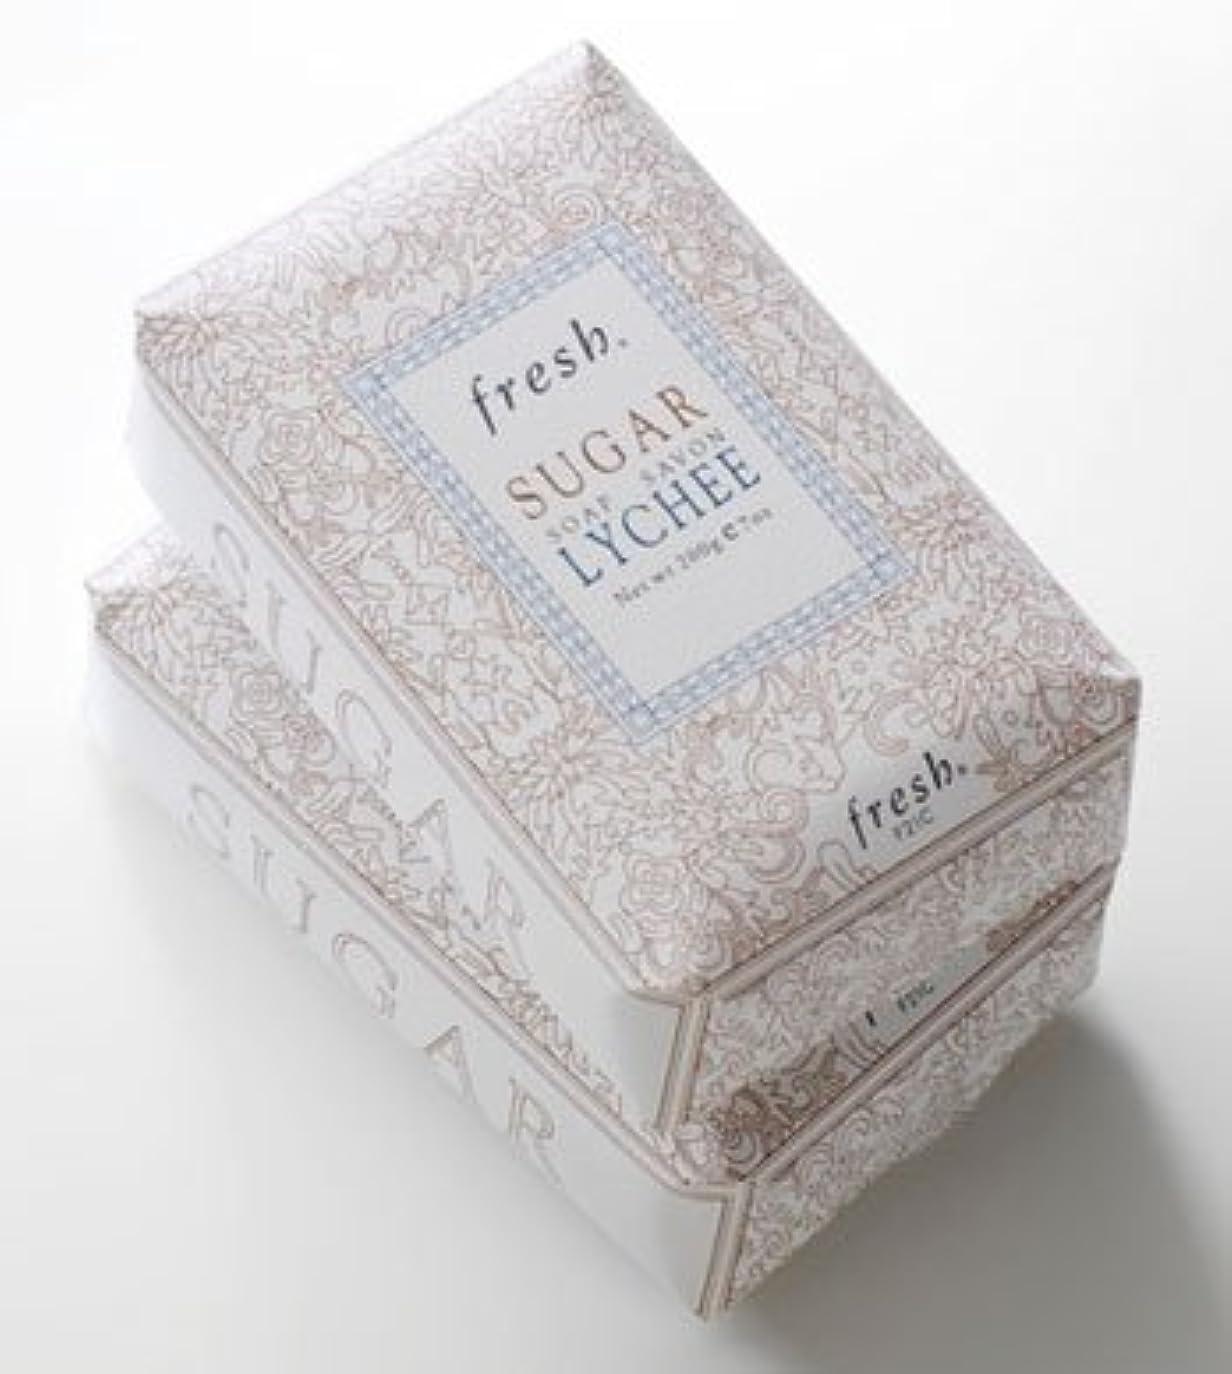 レイヘビー無視できるFresh SUGAR LYCHEE SOAP(フレッシュ シュガーライチ ソープ) 7.0 oz (210g) by Fresh for Women